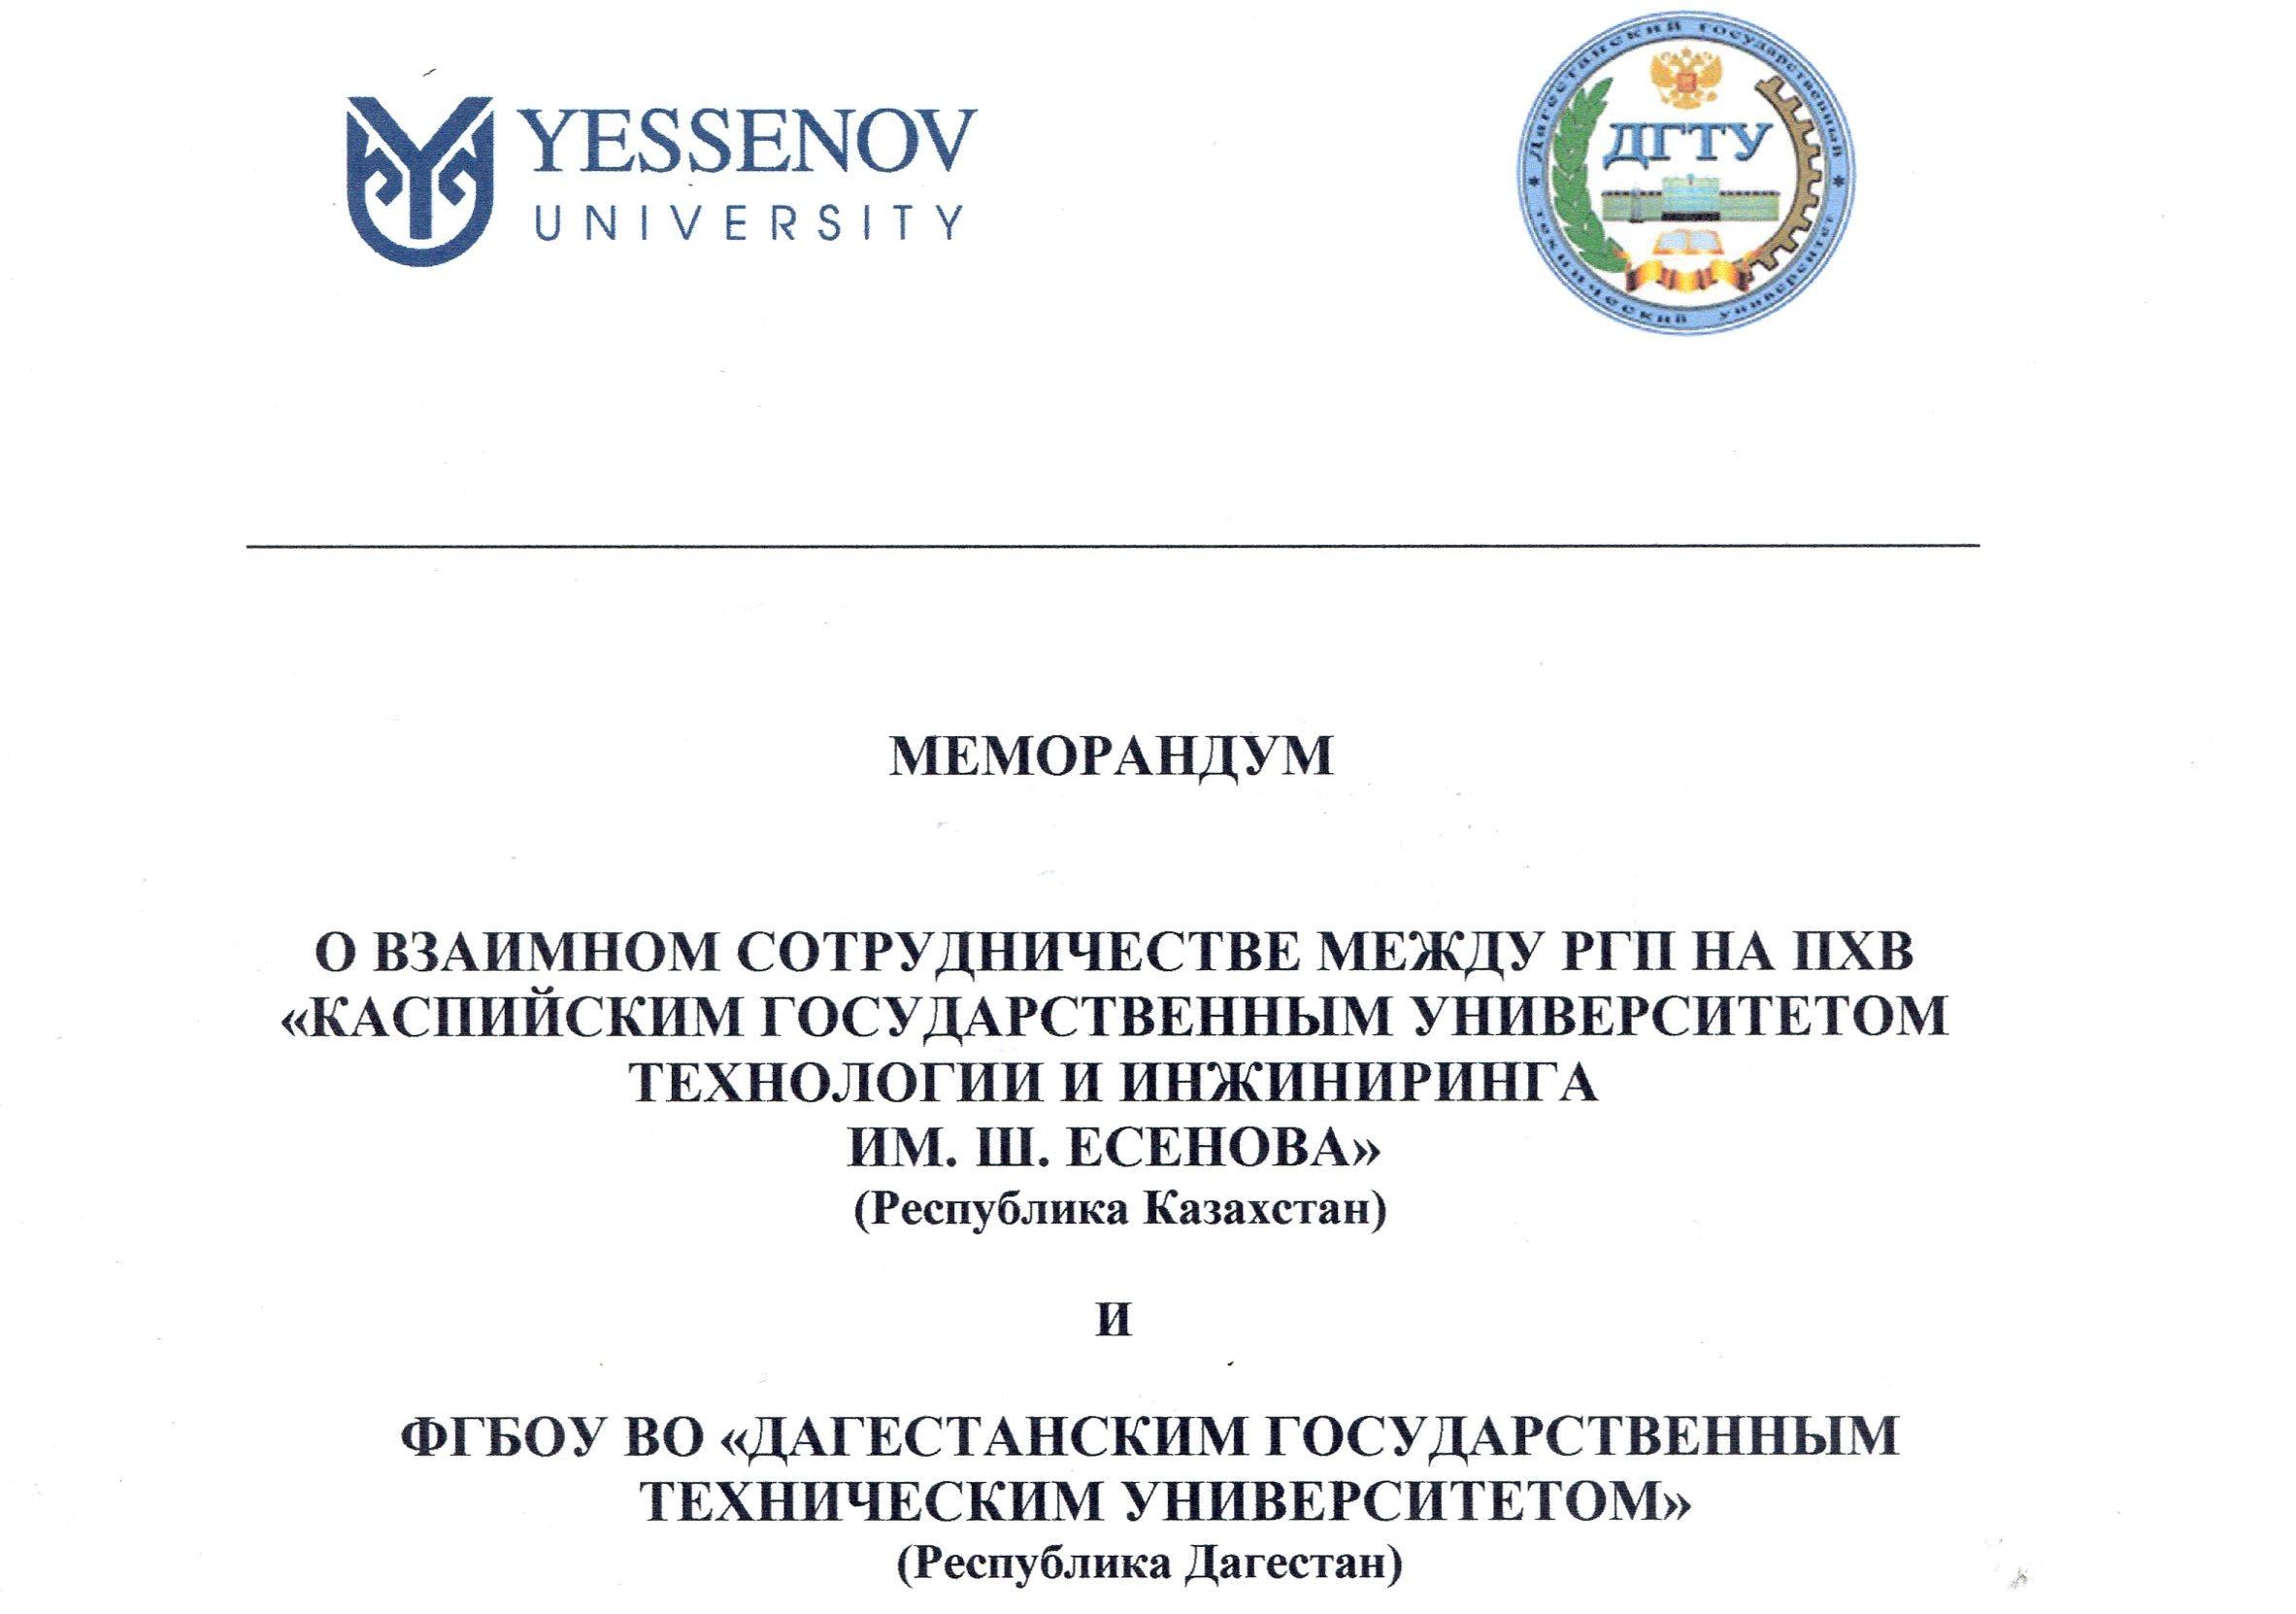 Подписано соглашение о сотрудничестве между ДГТУ и Каспийским университетом технологий и инжиниринга